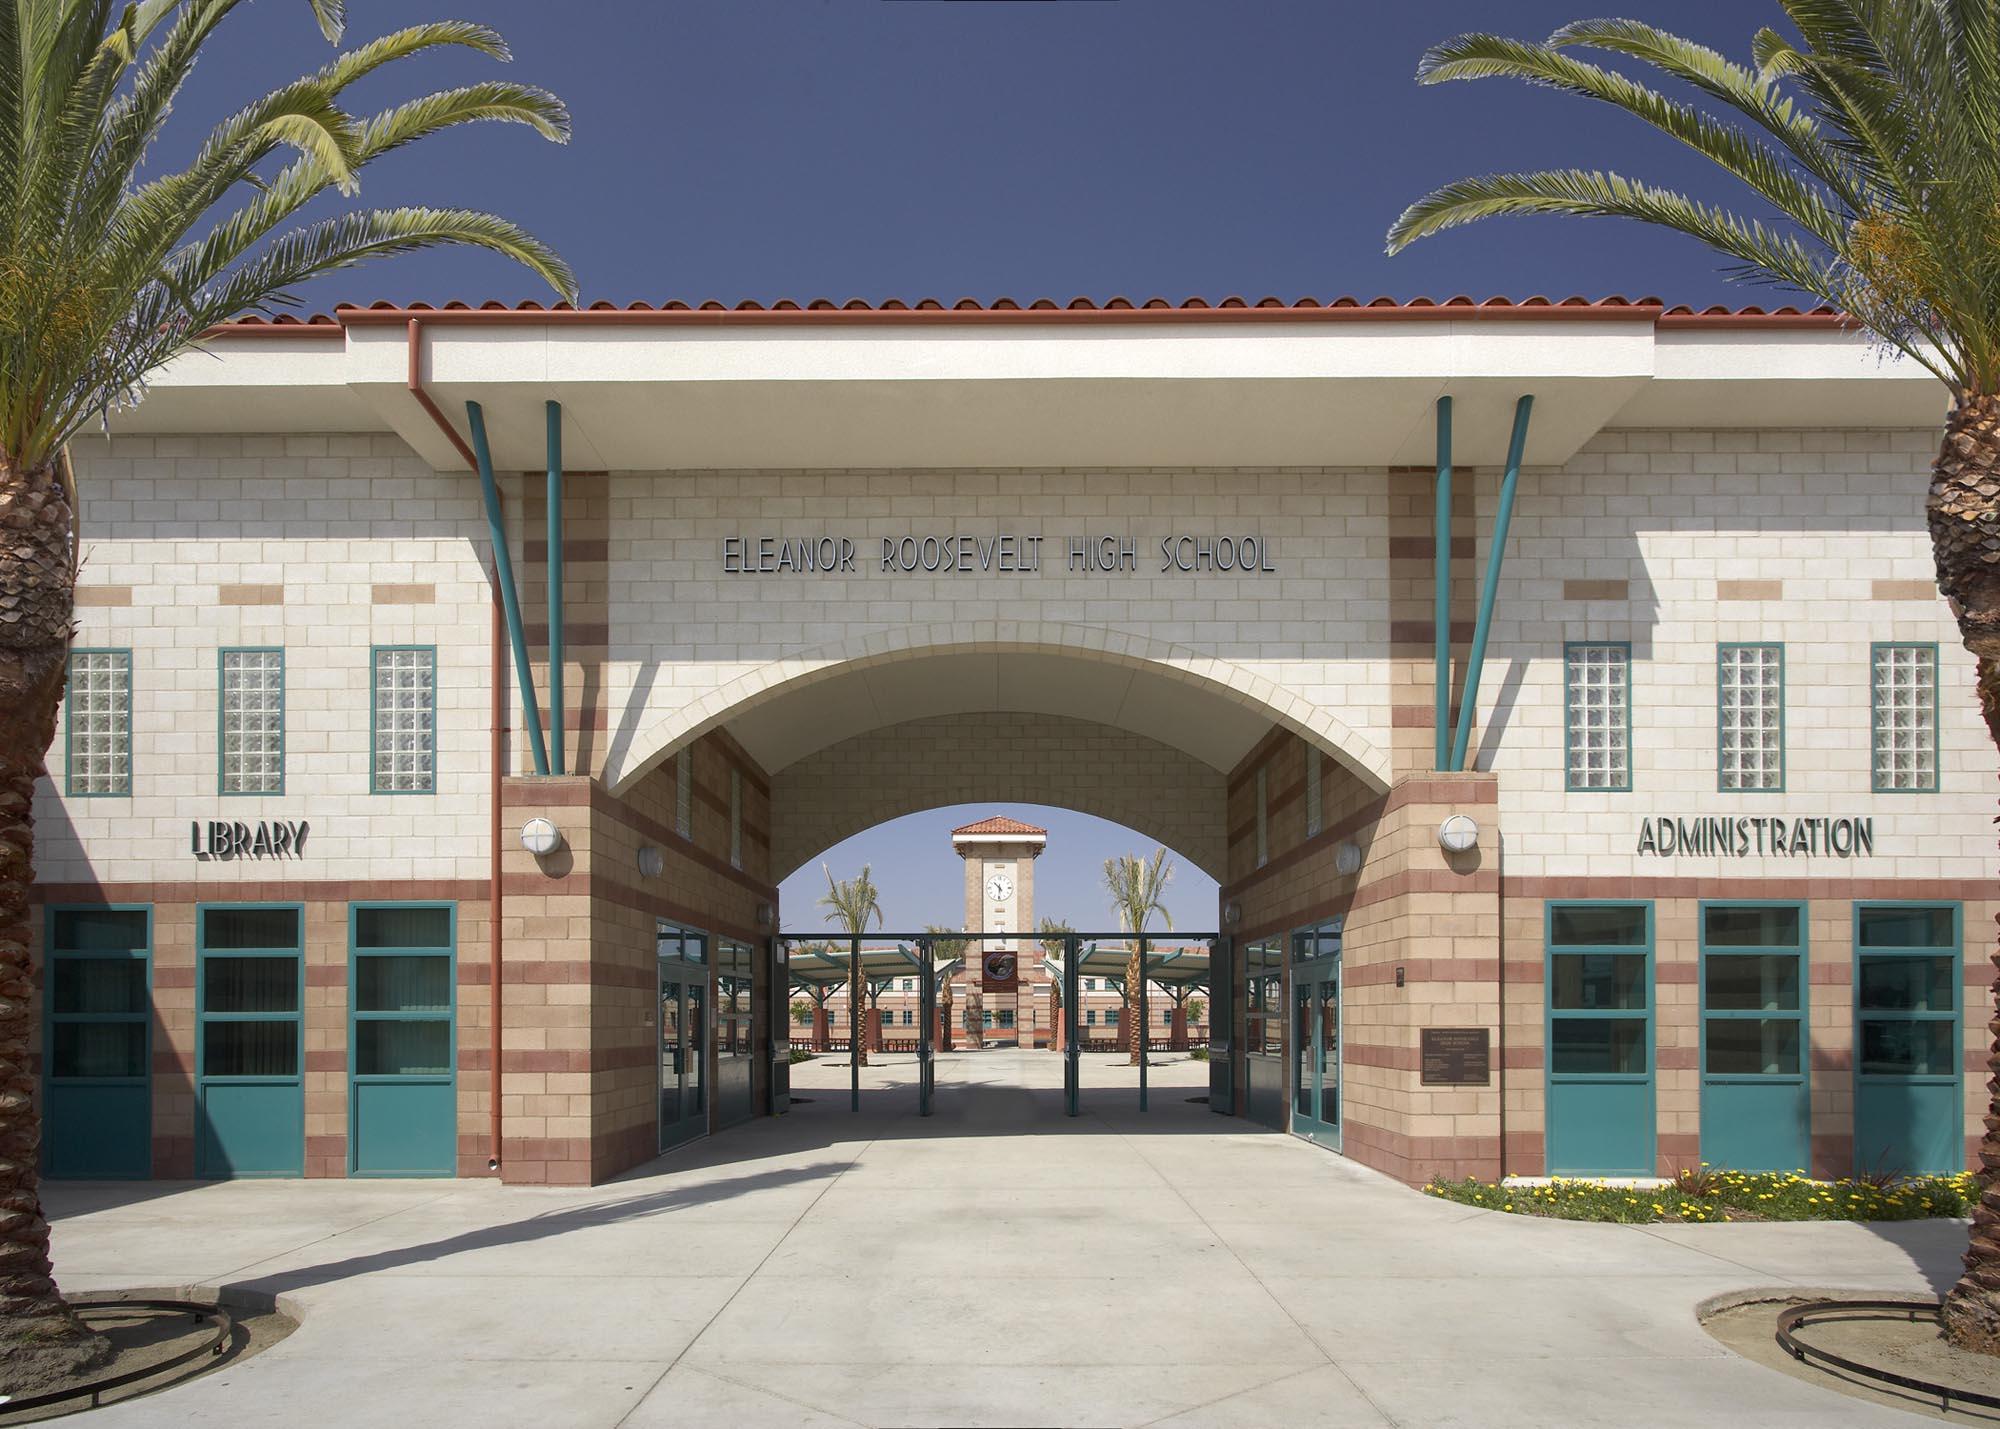 Eleanor-Roosevelt-High-School-03.jpg